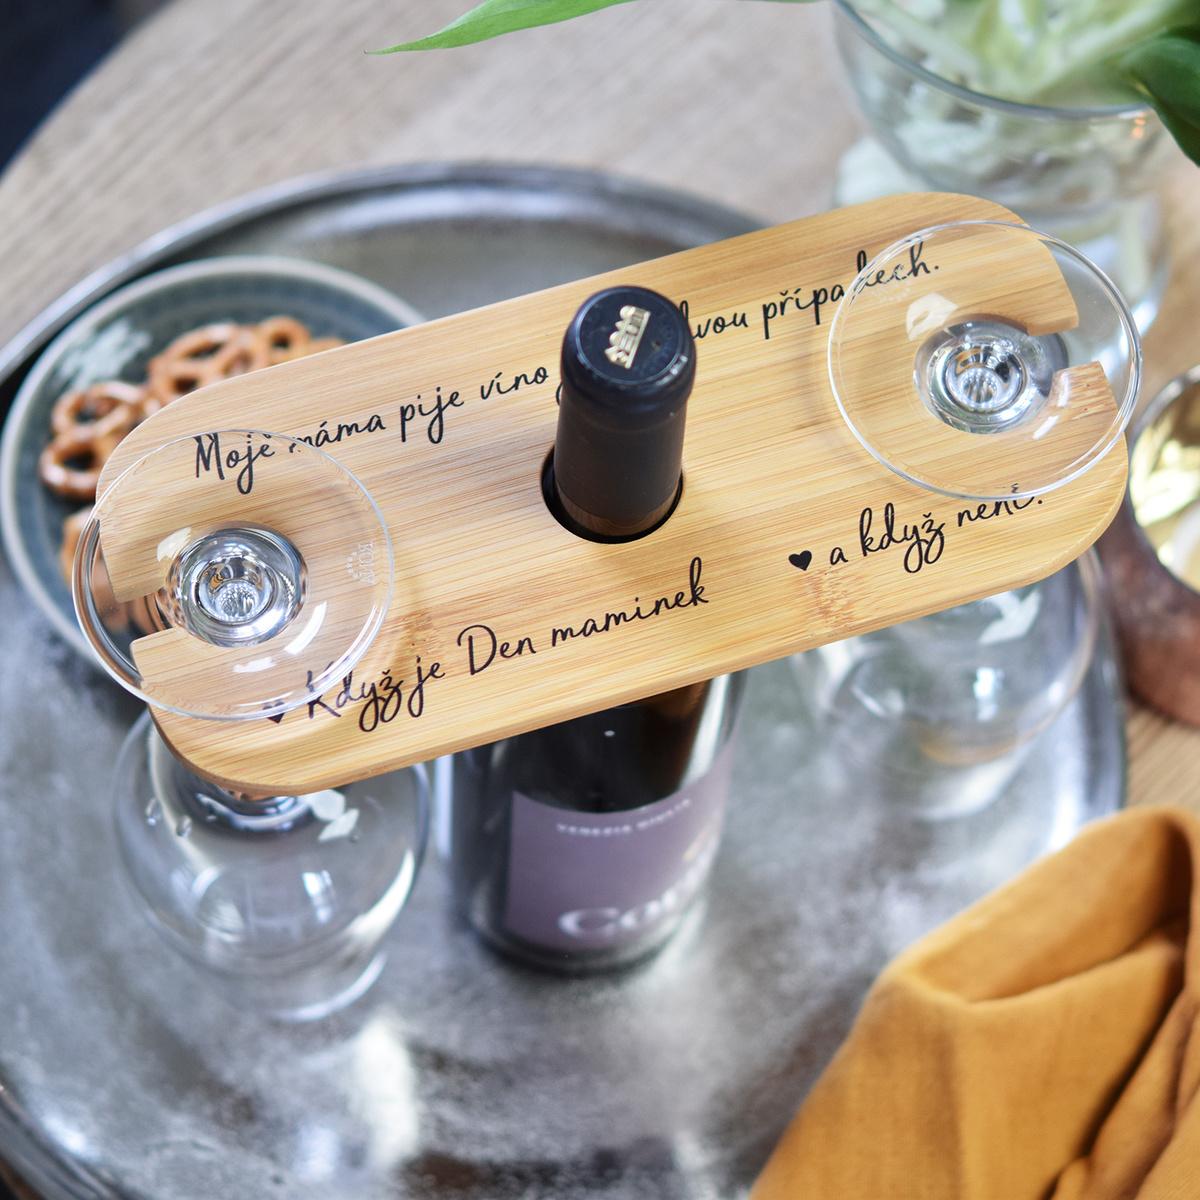 HOUSEDECOR Držák na sklenice na víno - Pro maminku